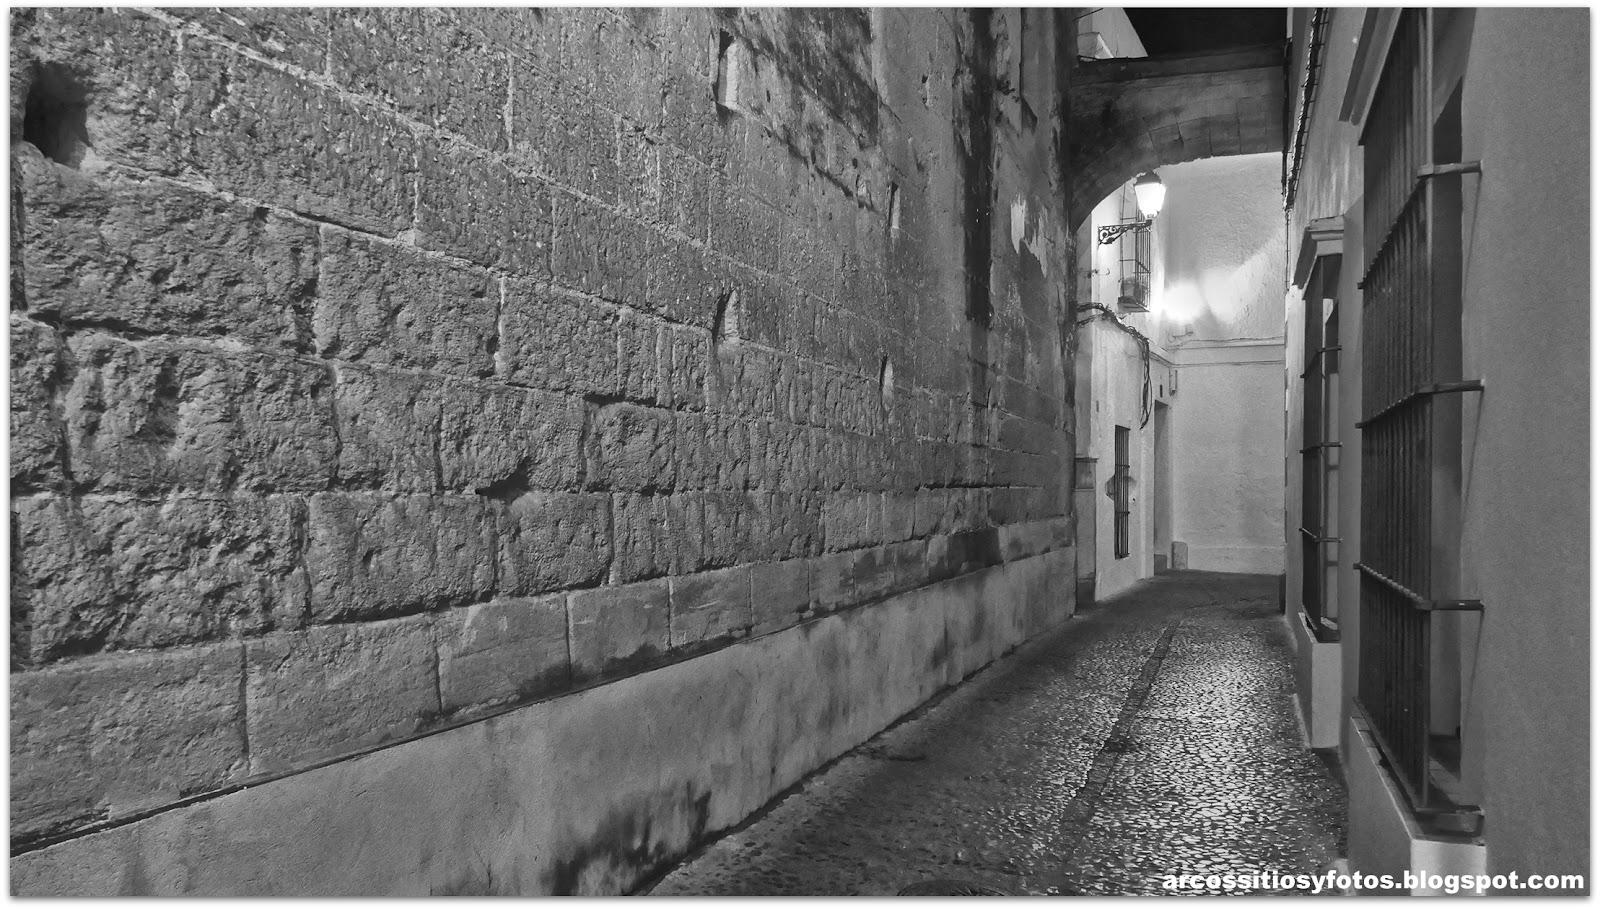 Arcos sitios y fotos calle nu ez de prado for Calle prado de la iglesia guadarrama